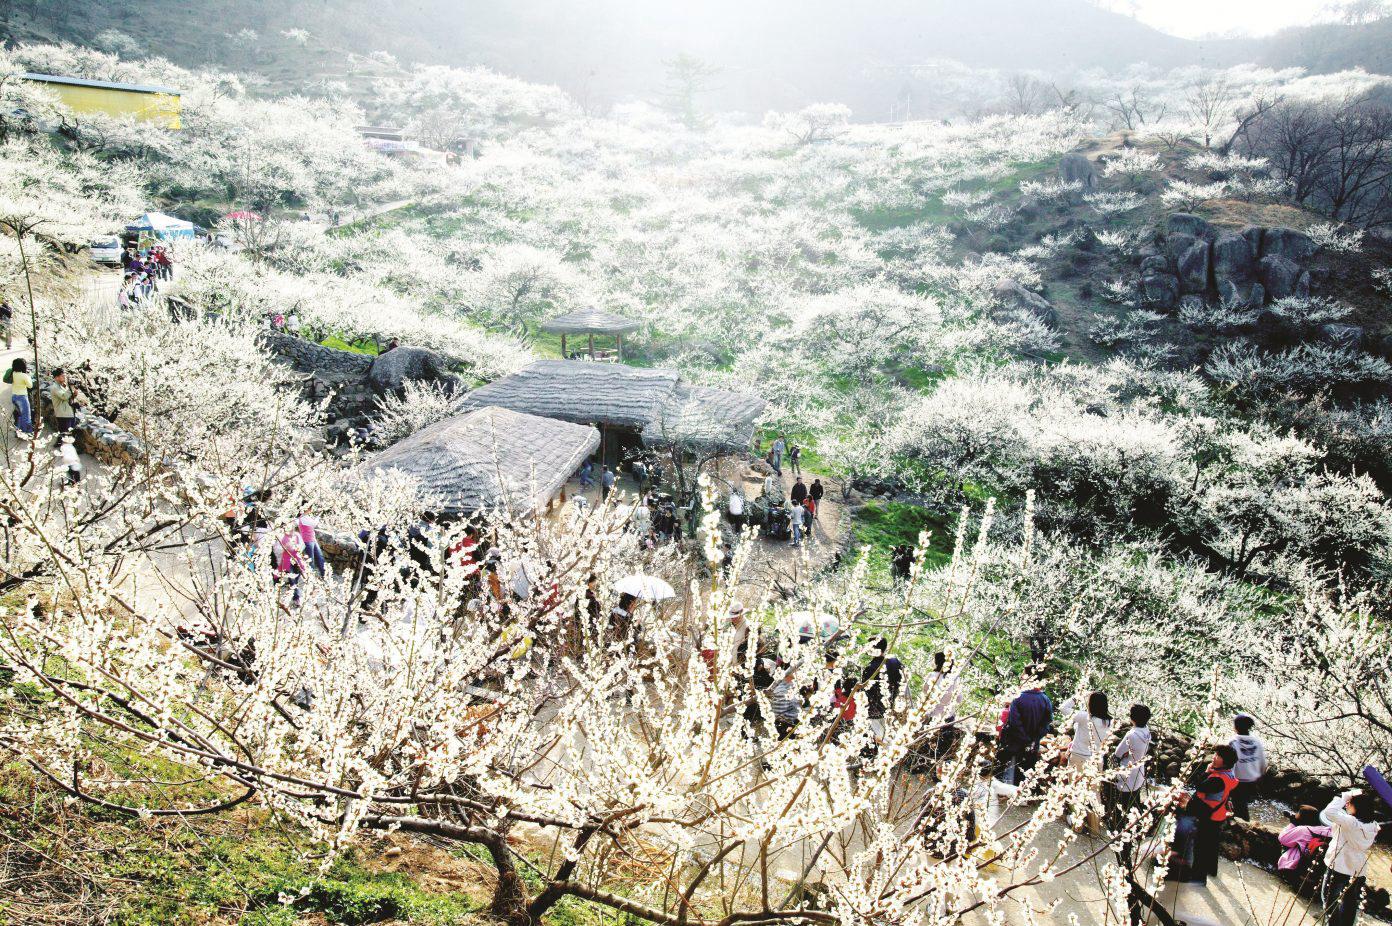 Mê mẩn với những đồi hoa mận nở trắng tinh khôi ở miền Tây Nghệ An, Mộc Châu, Vân Hồ… - Ảnh 5.